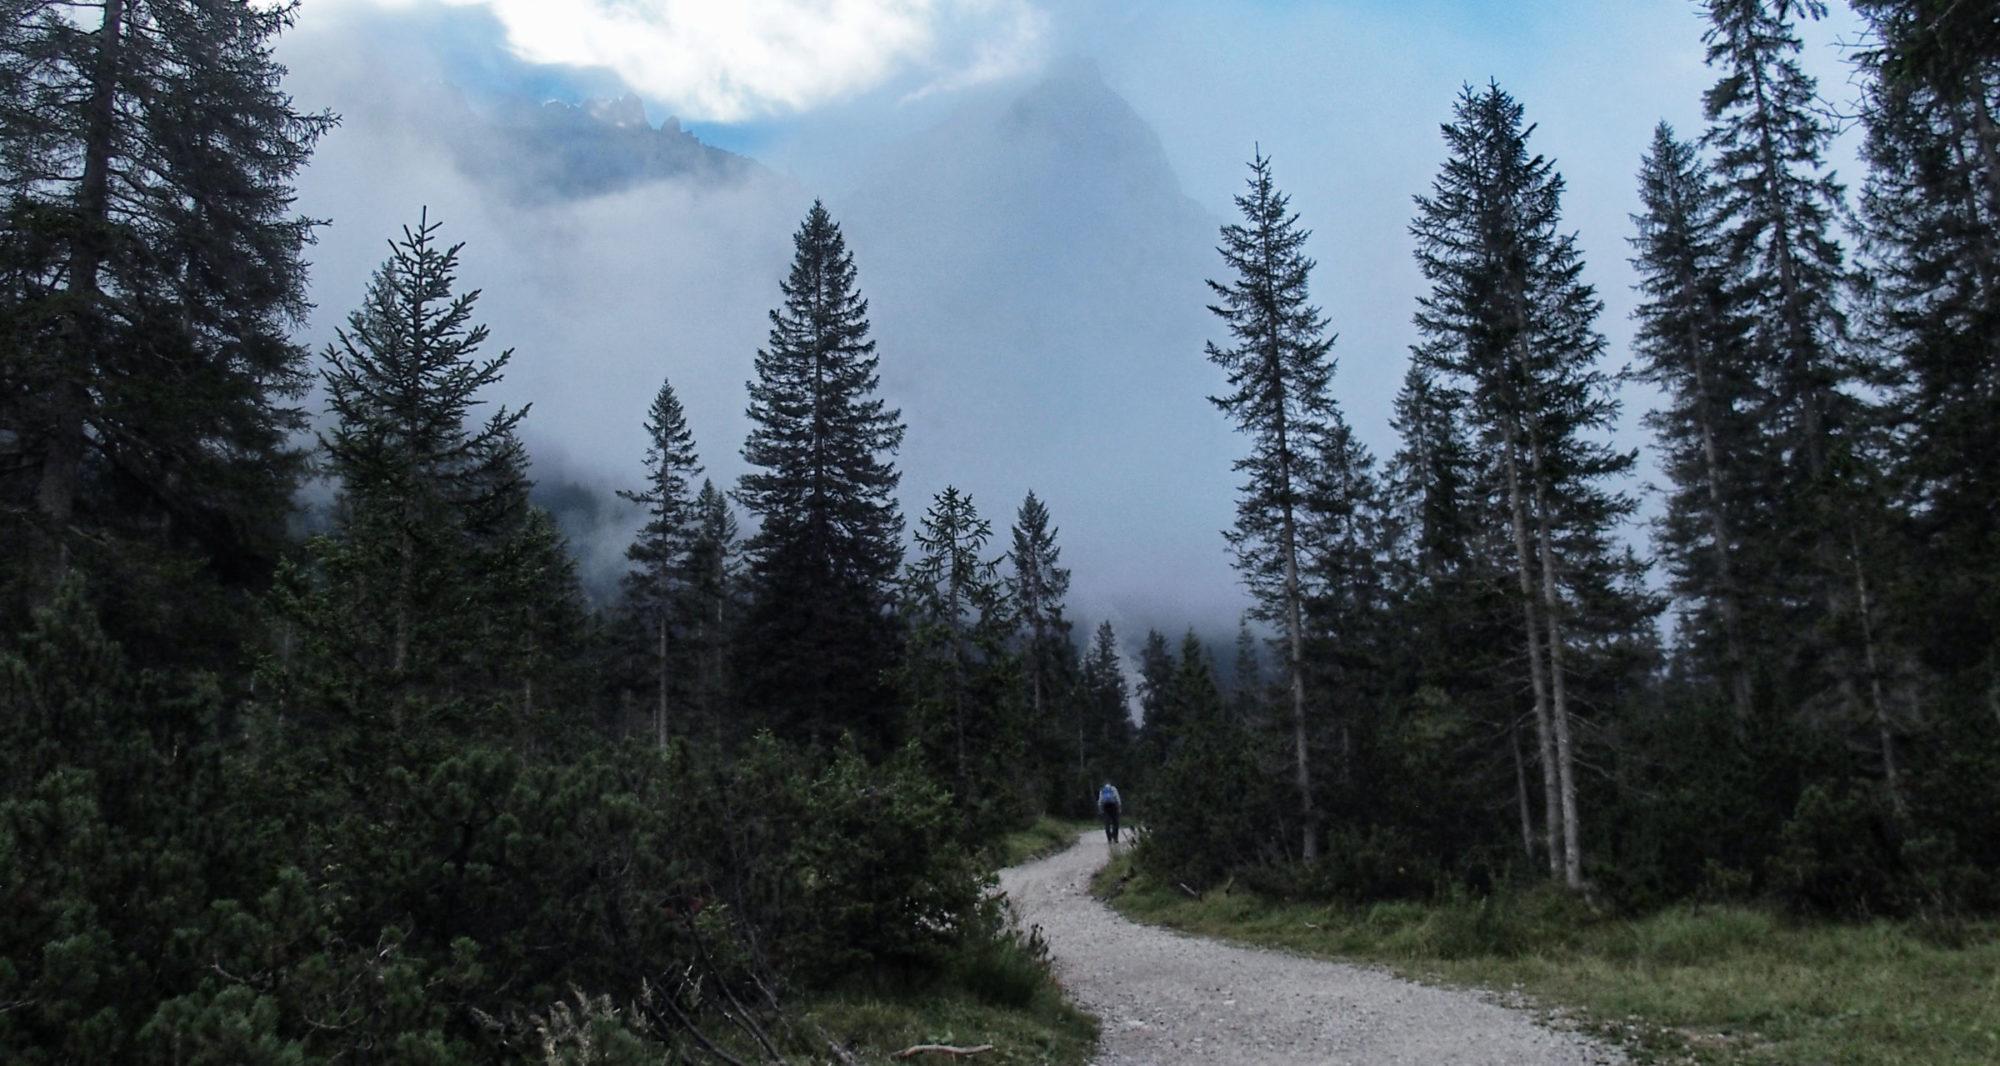 Wolkenverhangen geht es früh morgens los